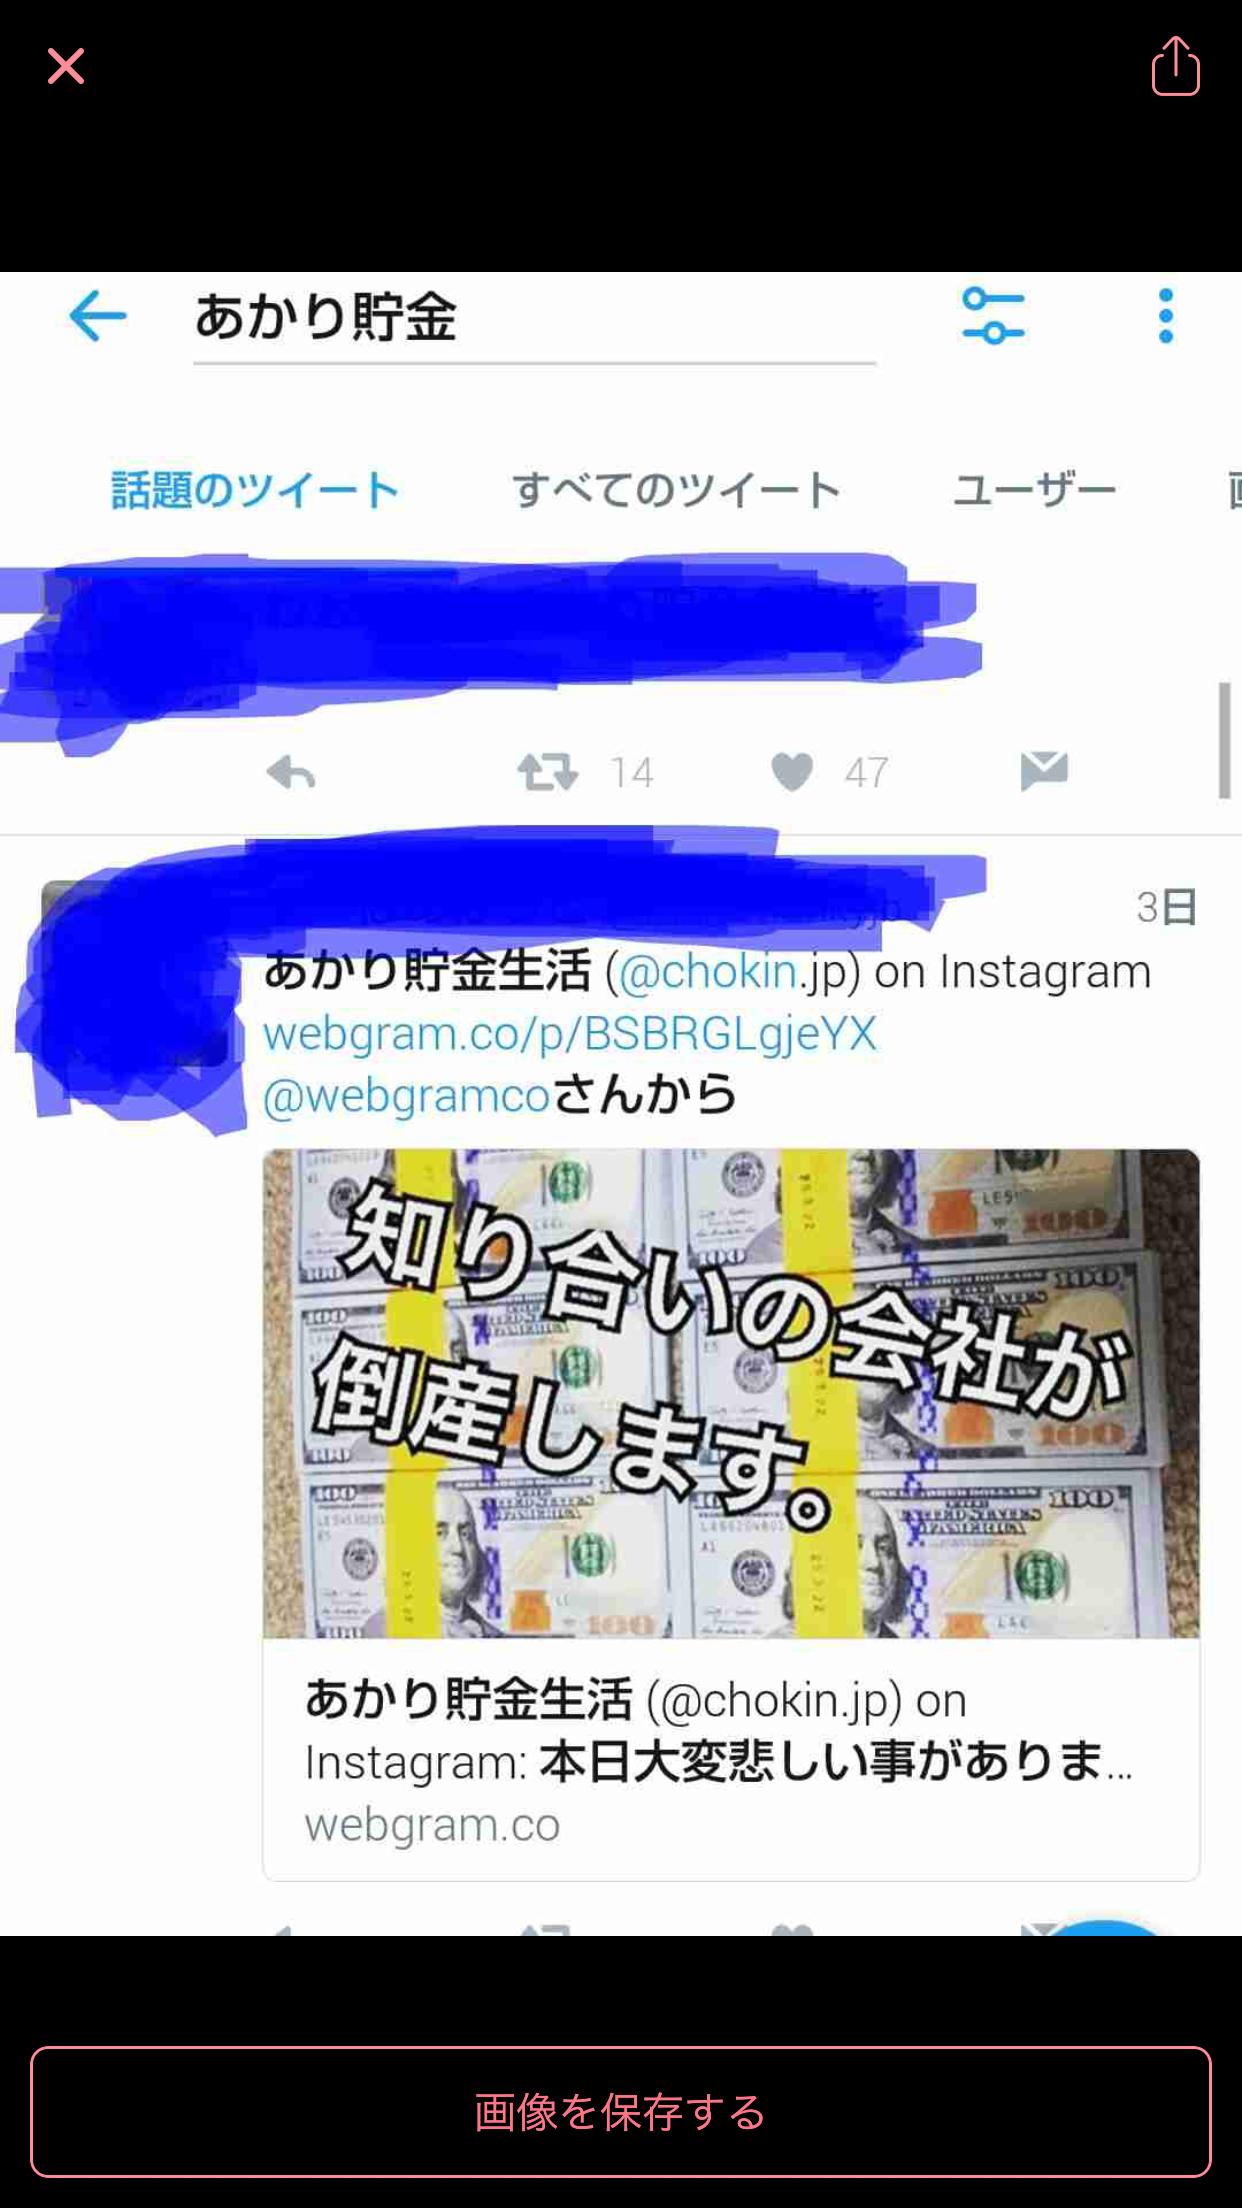 「てるみくらぶ」社長の自宅から現金700万円を押収 没収されないよう隠匿か